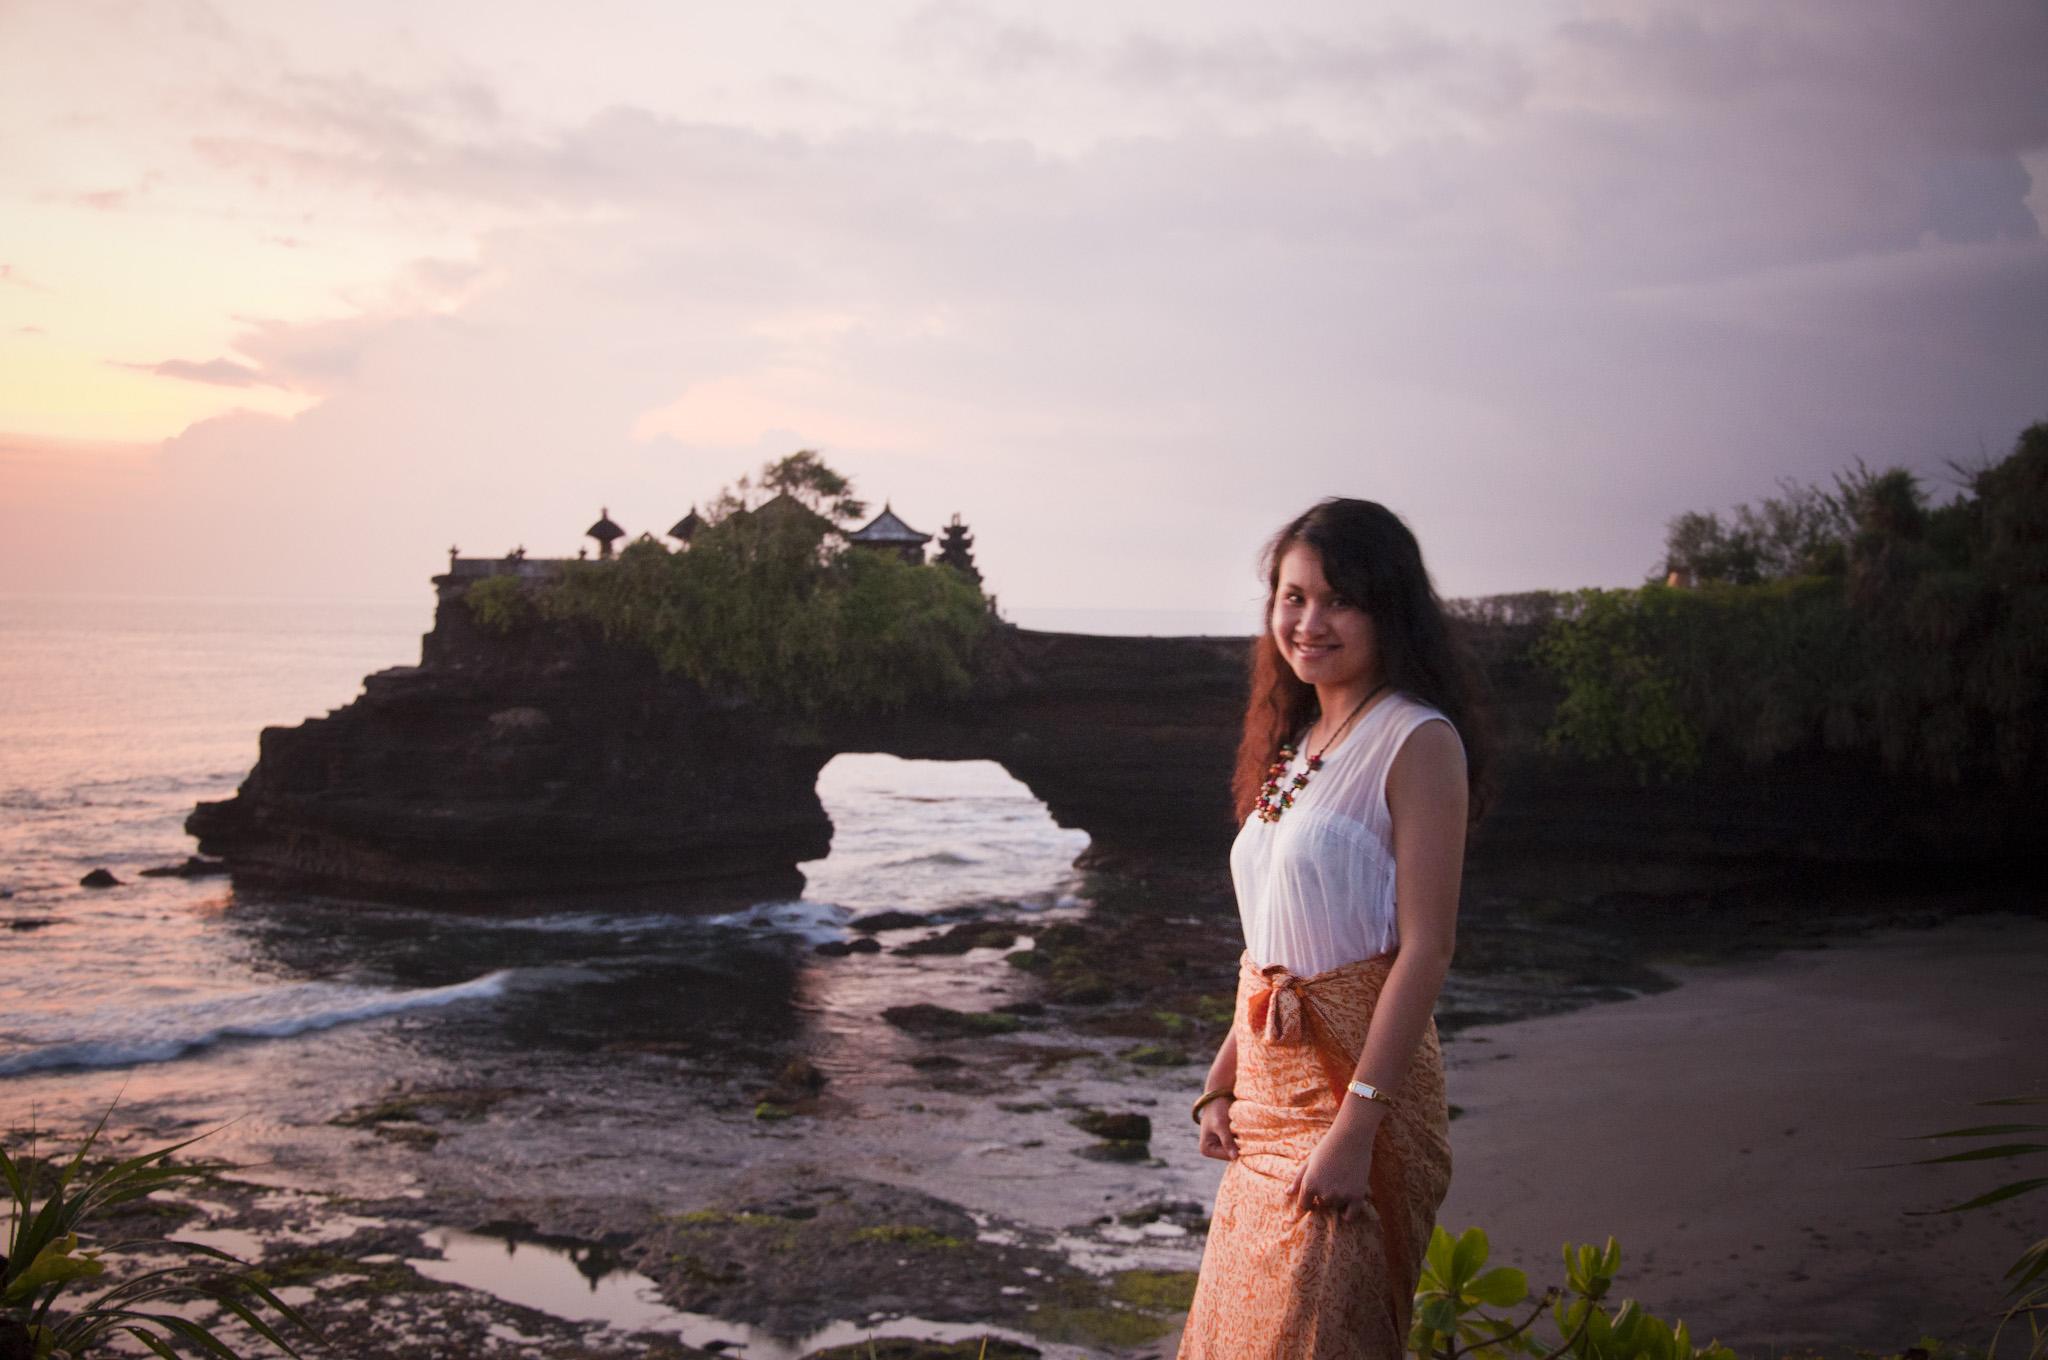 Bali Nov '11 no.142